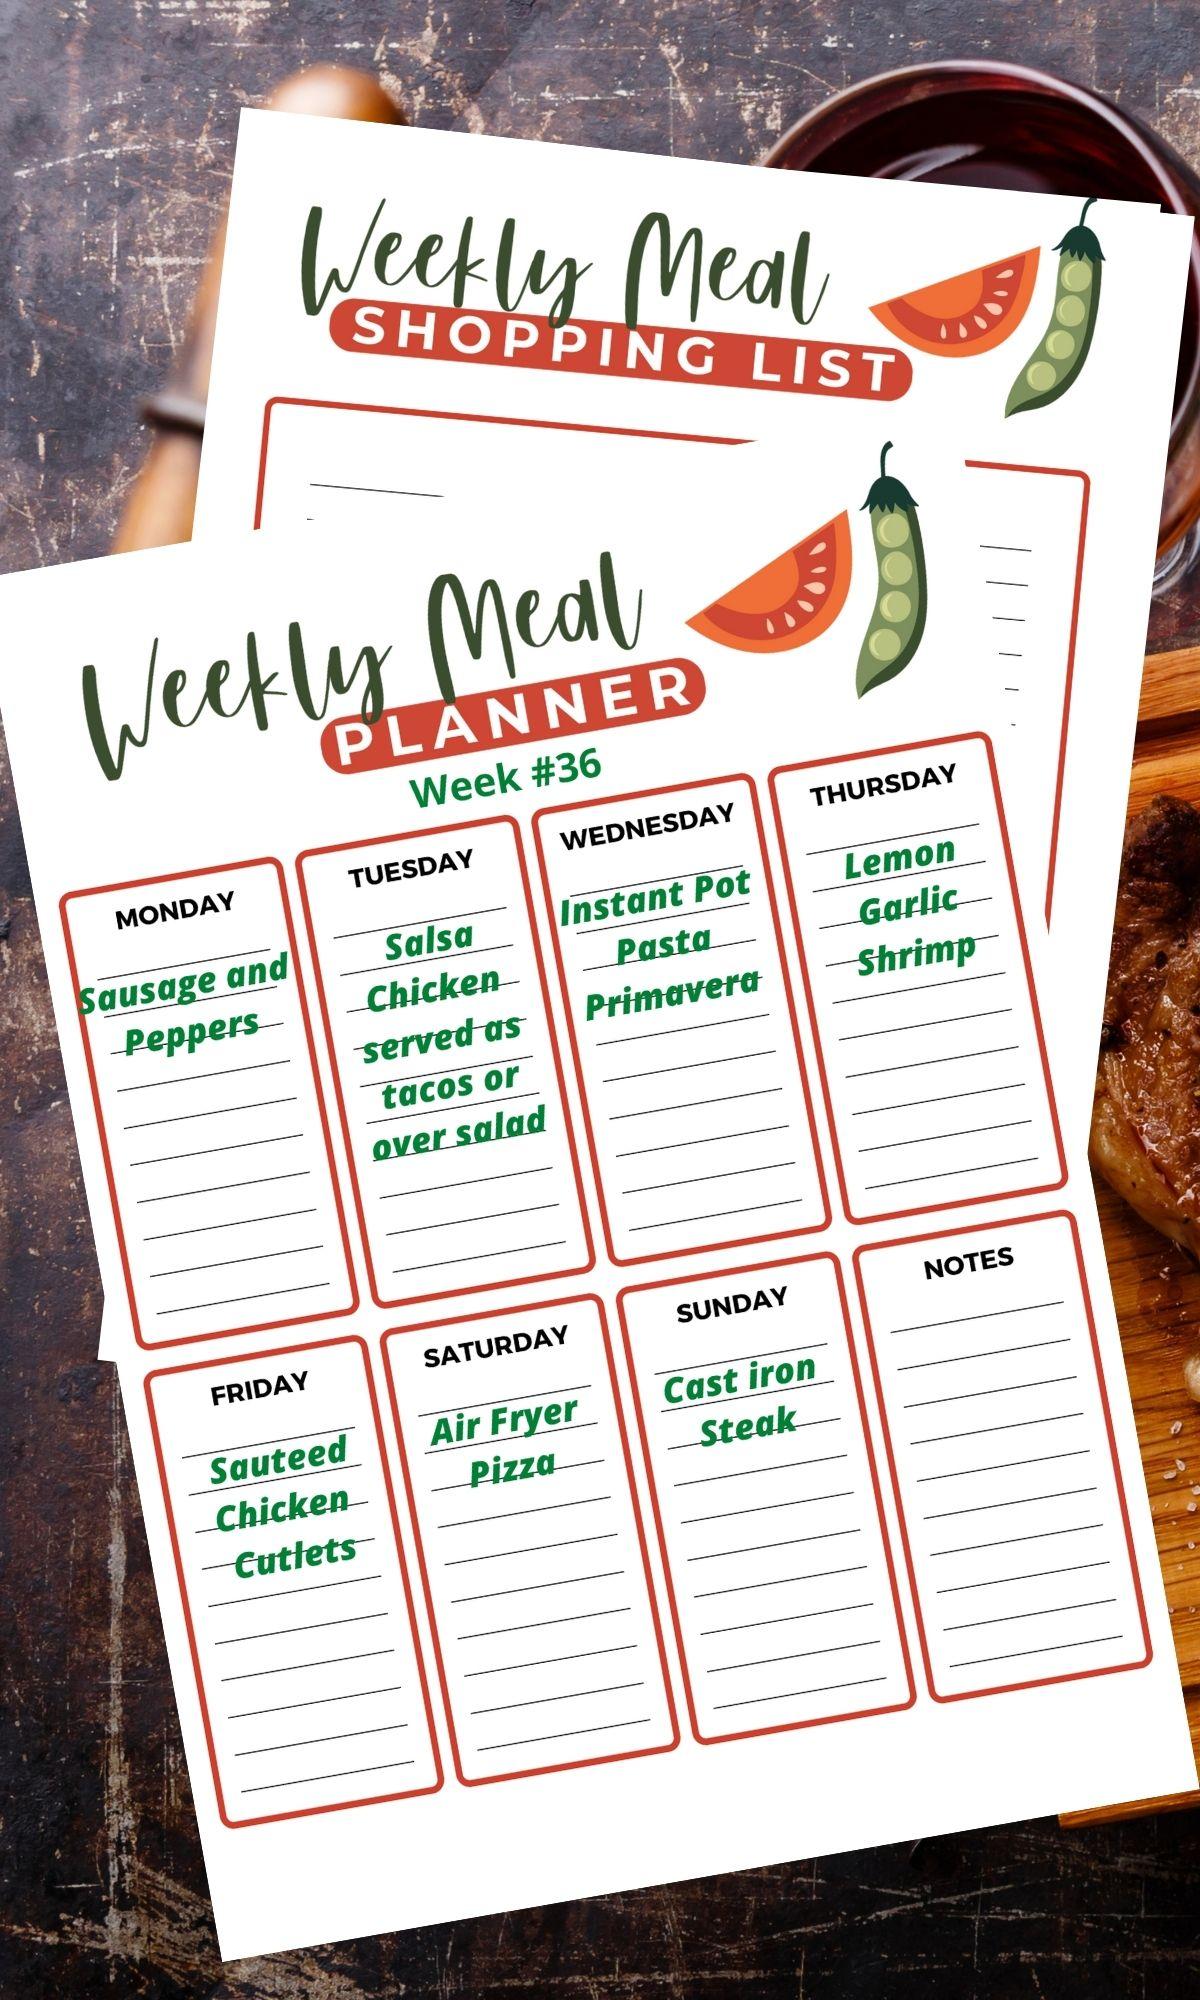 Weekly meal plan printable.